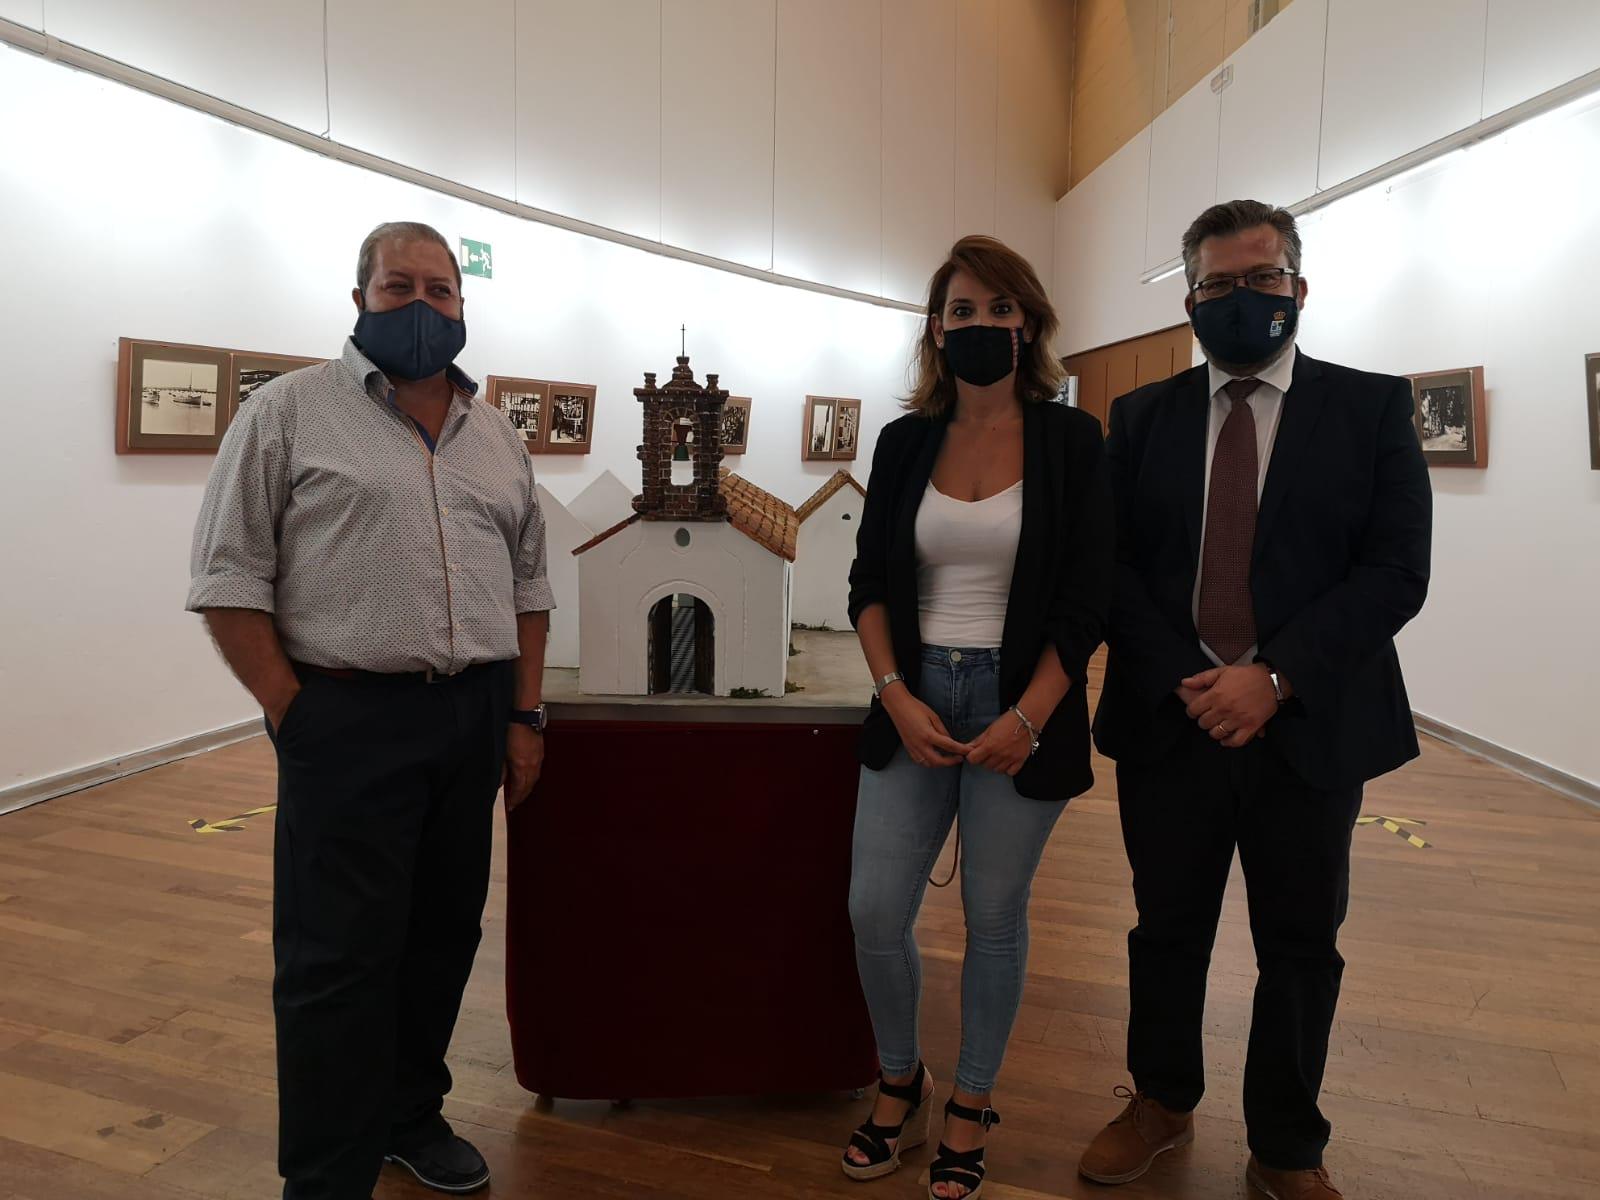 La Isla Cristina de ayer se muestra estos días en una exposición de fotografías en la Galería de Arte Charo Olías